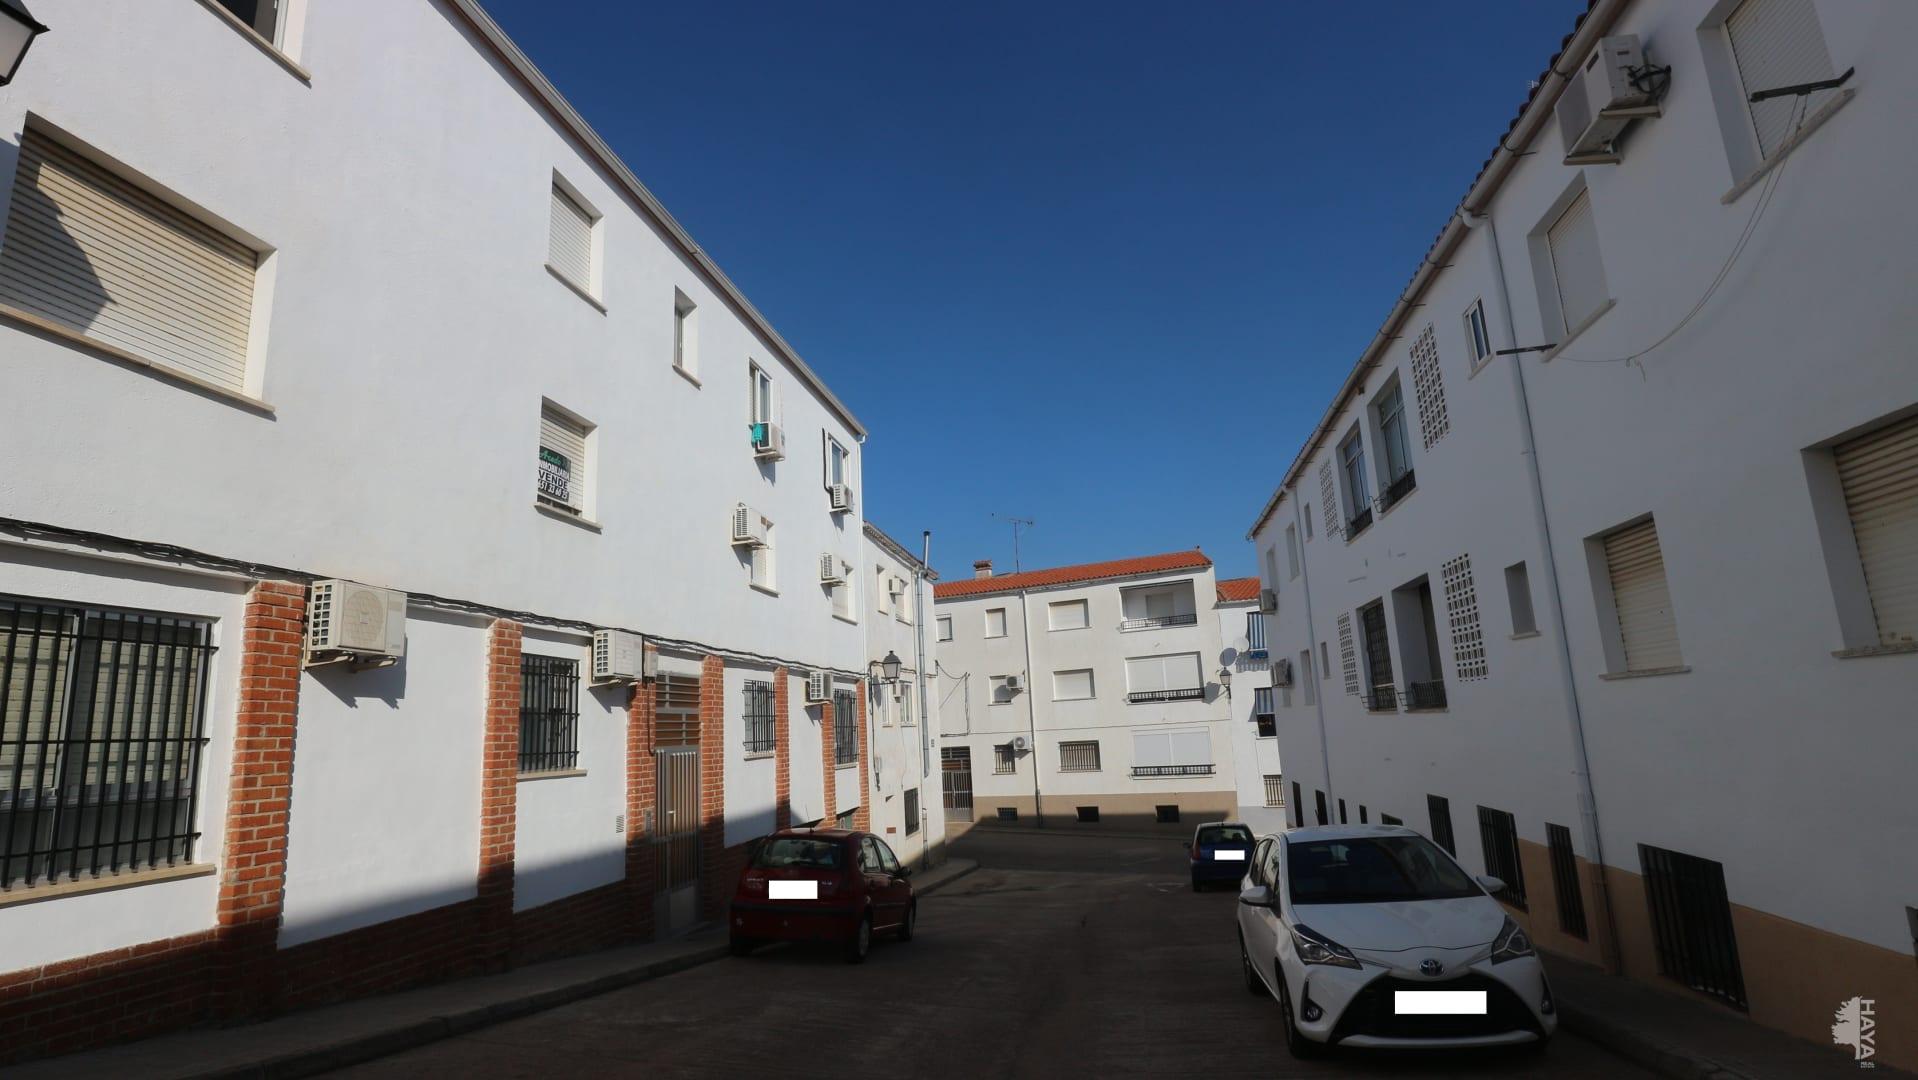 Piso en venta en Los Mirasoles, Aliseda, Cáceres, Calle Antonio Machado, 25.100 €, 3 habitaciones, 1 baño, 78 m2